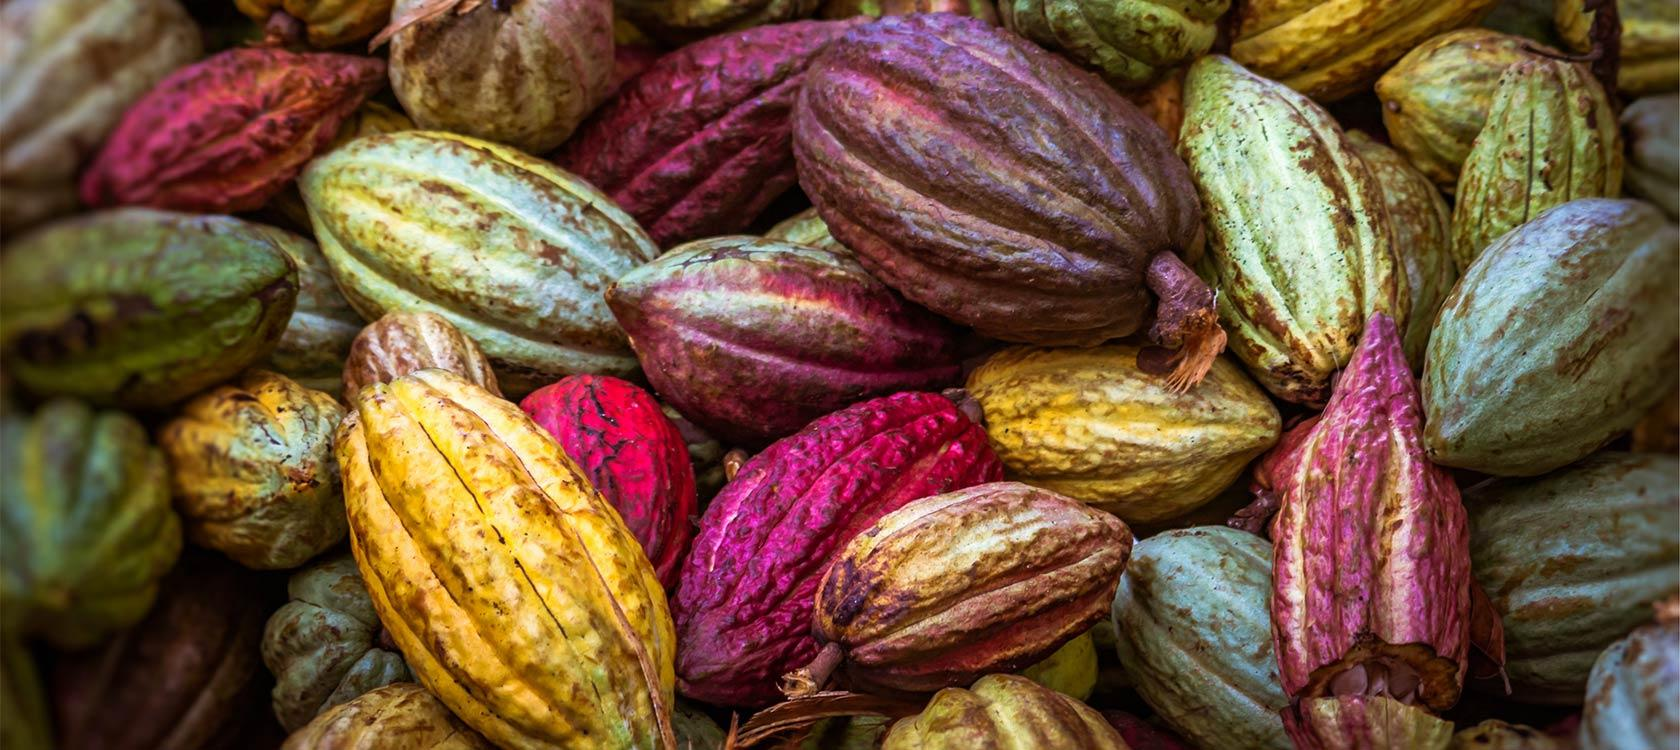 cacao site de rencontre site de rencontre chat